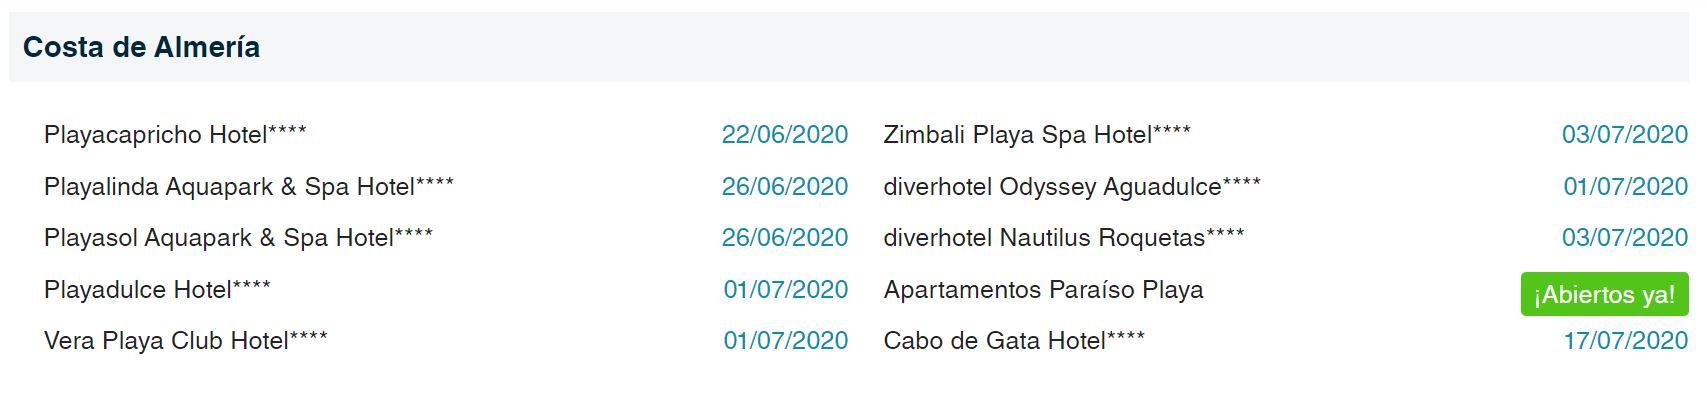 Fechas reapertura hoteles playasentaro Costa de Almeria B2Bviajes